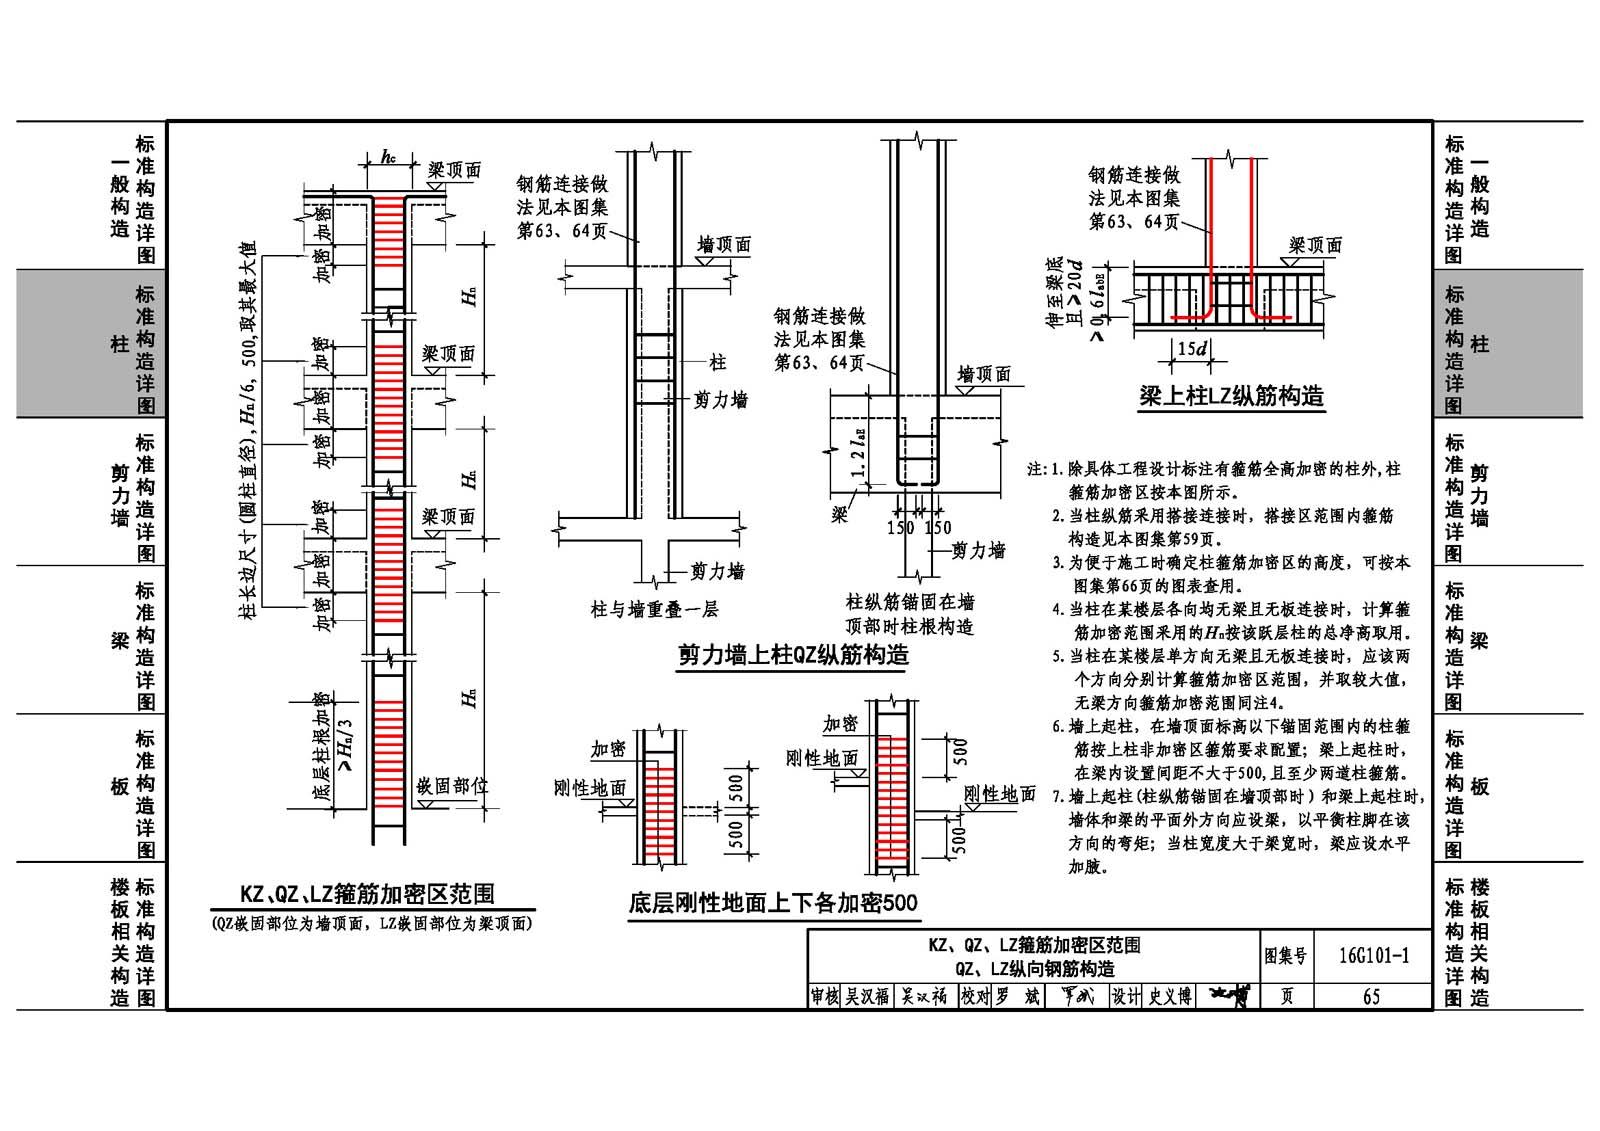 本图集是对11G101-1《混凝土结构施工图平面整体表示方法制图规则和构造详图(现混凝土框架、剪力墙、梁、板)》的修编。本次修编按GB 18306-2015《中国地震动参数区划图》、GB 50011-2010《建筑抗震设计规范》及2016年局部修订、GB 50010-2010《混凝土结构设计规范》(2015版)等新标准,结合近年来工程实践对图集提出的反馈意见,对图集原有内容进行了系统的梳理、修订,同时考虑实际工程应用需要又新增了框架扁梁等内容。 本图集适用于抗震设防烈度为6~9度地区的现浇混凝土框架、剪力